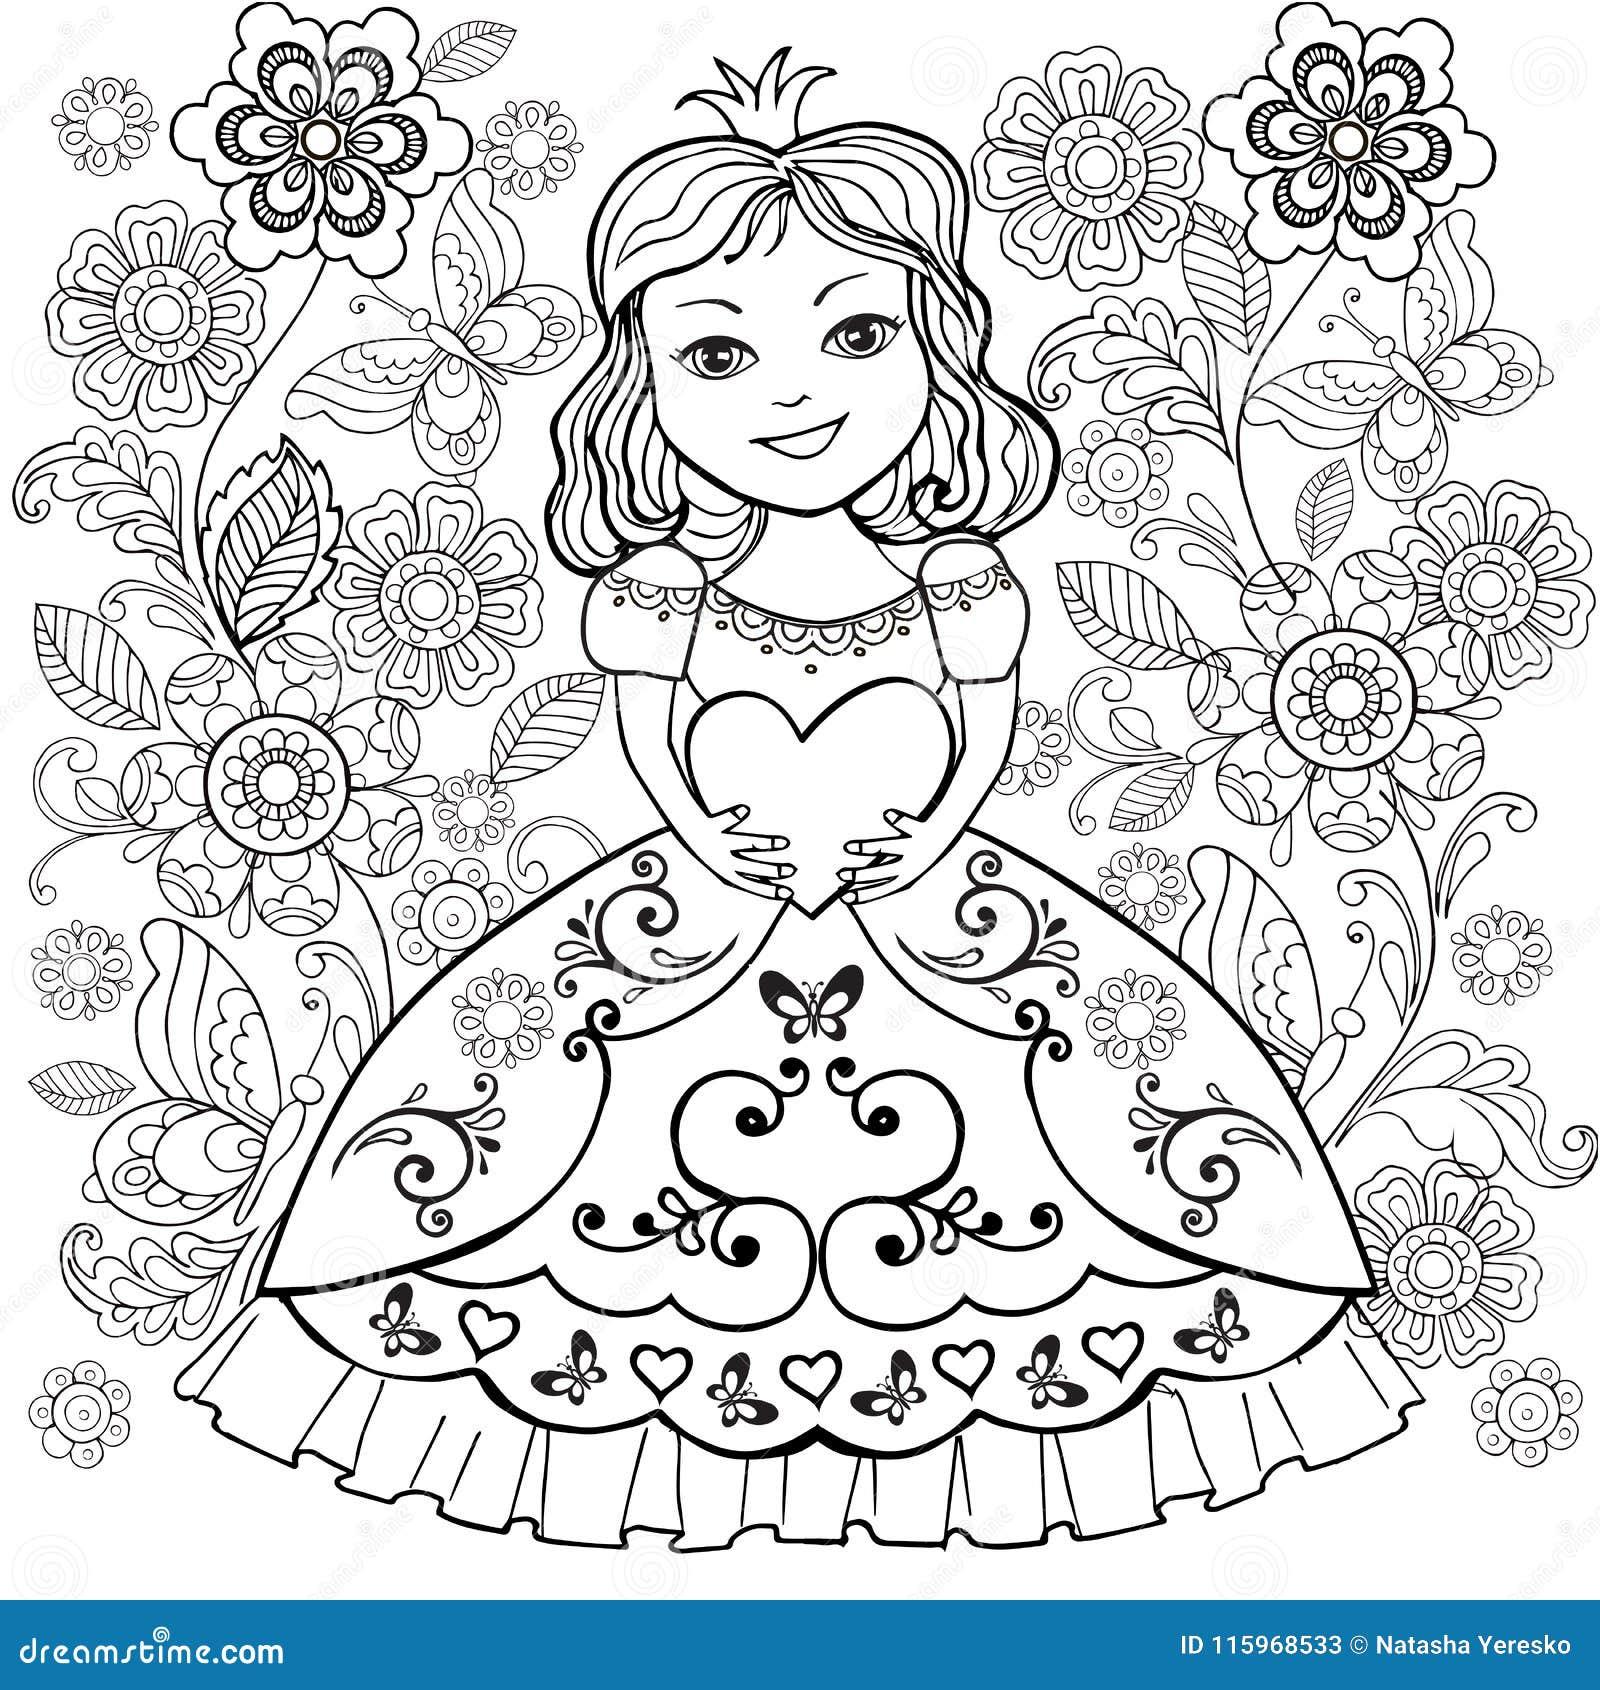 Livro Para Colorir Com Coracao Pequeno De Princesa Em Suas Maos